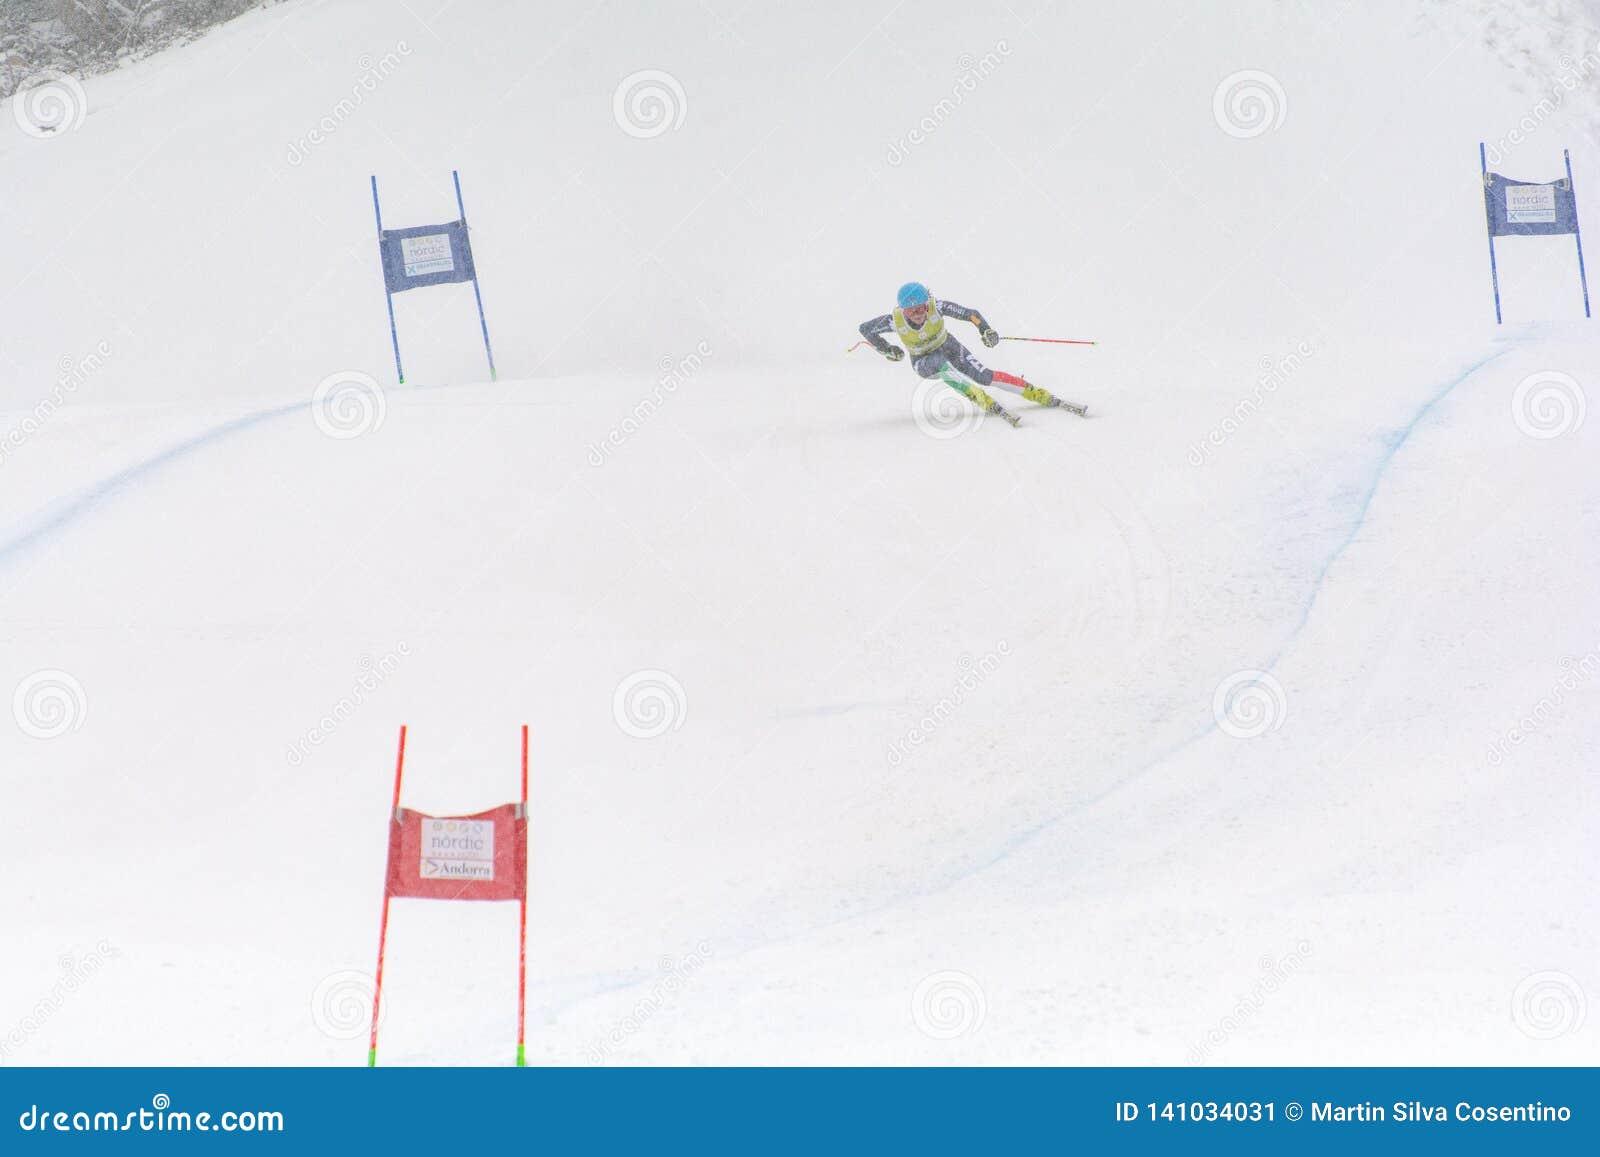 Skifahrer konkurriert herein während das des Super Audi-FIS alpine Ski World Cup Womens kombiniert am 28. Februar 2016 in Soldeu,